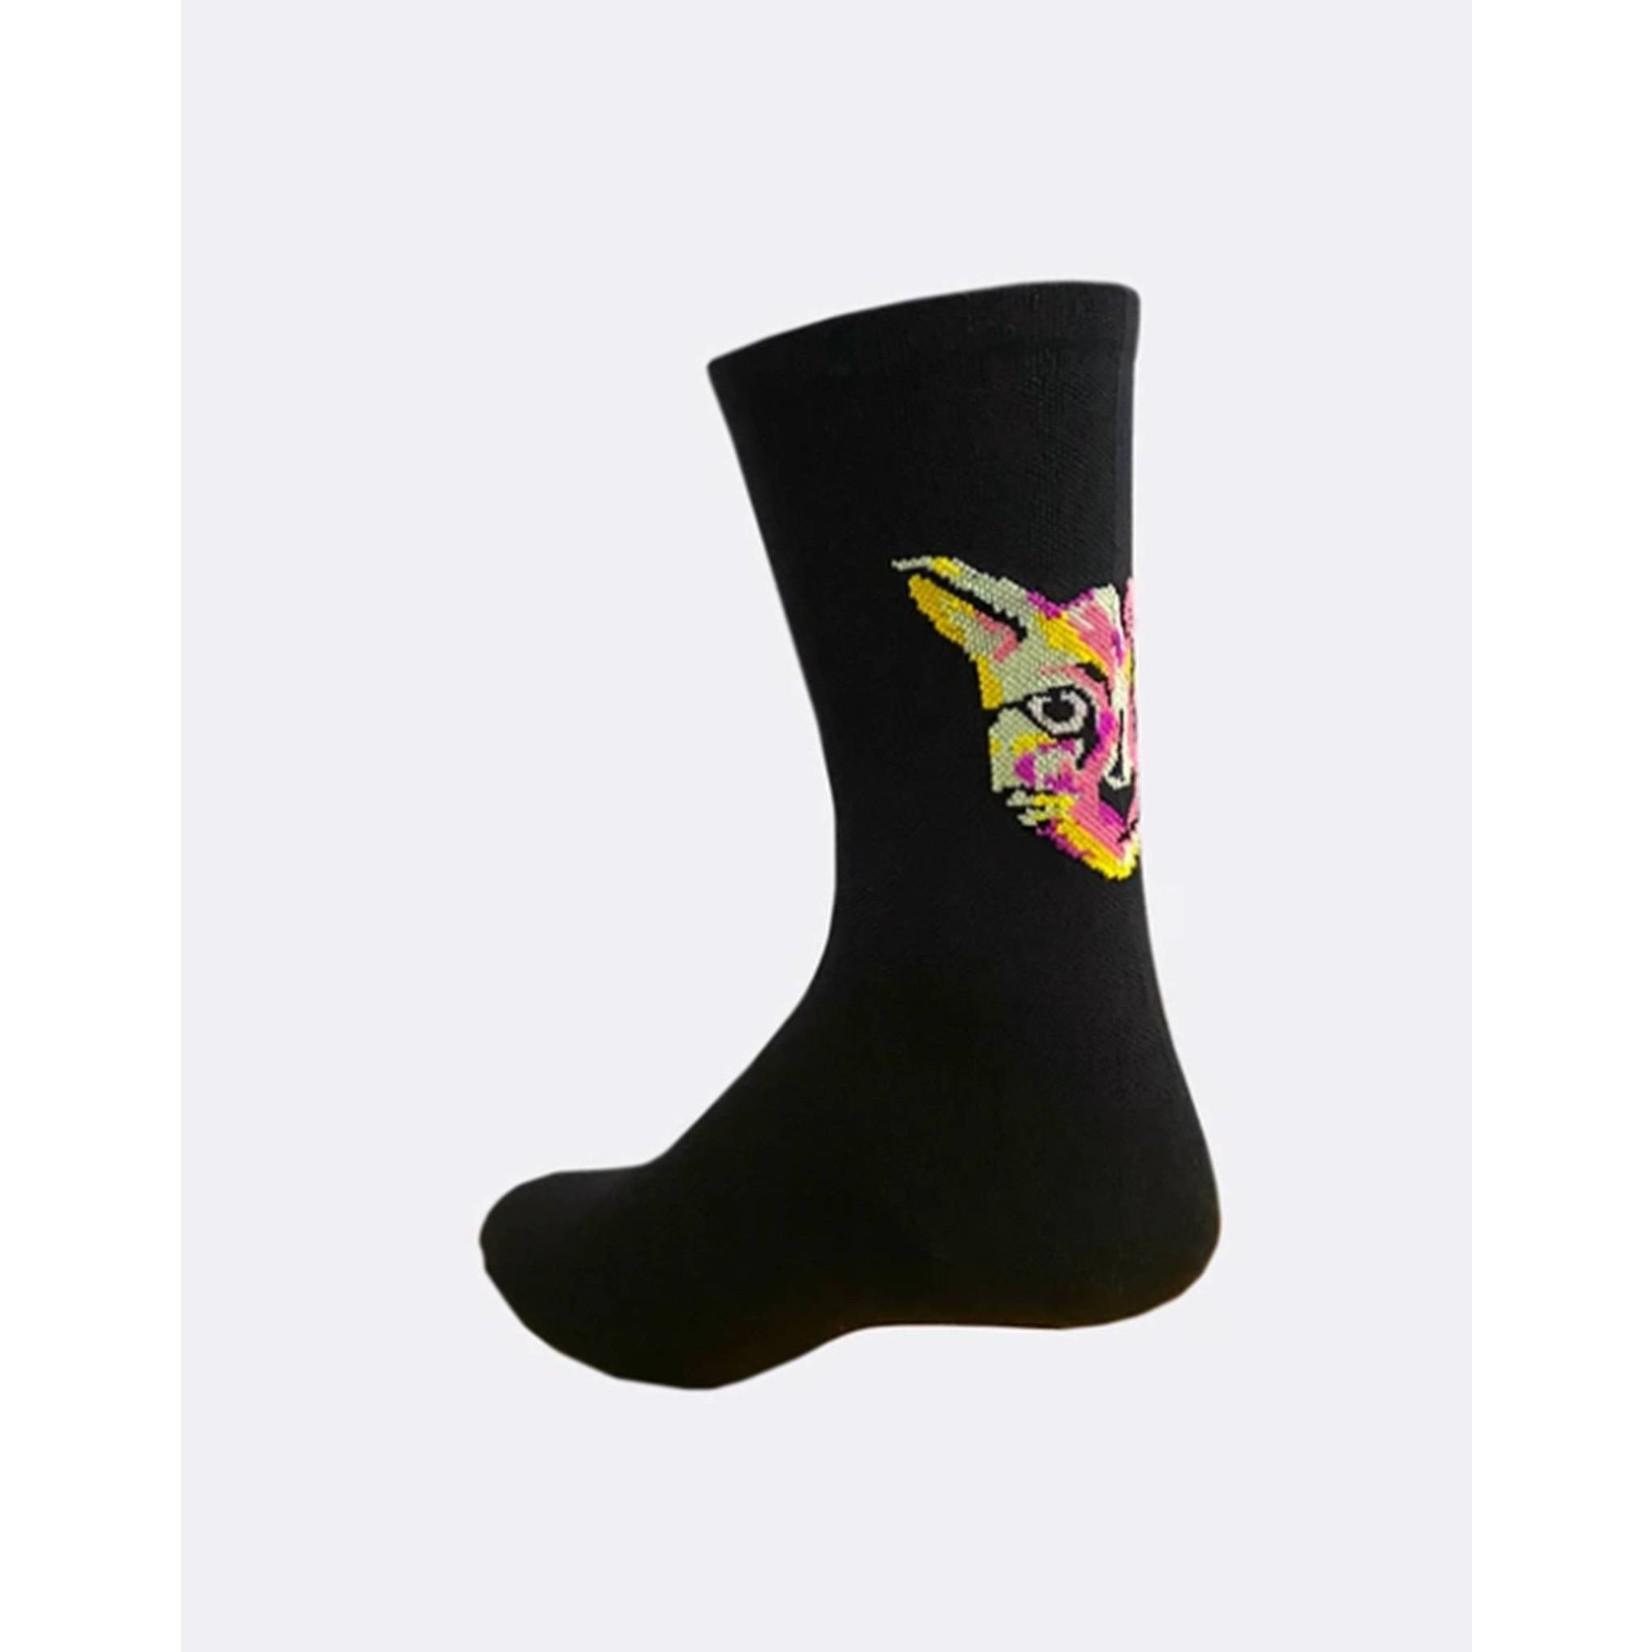 Pedal Mafia Artist Series Sock Techno Cat